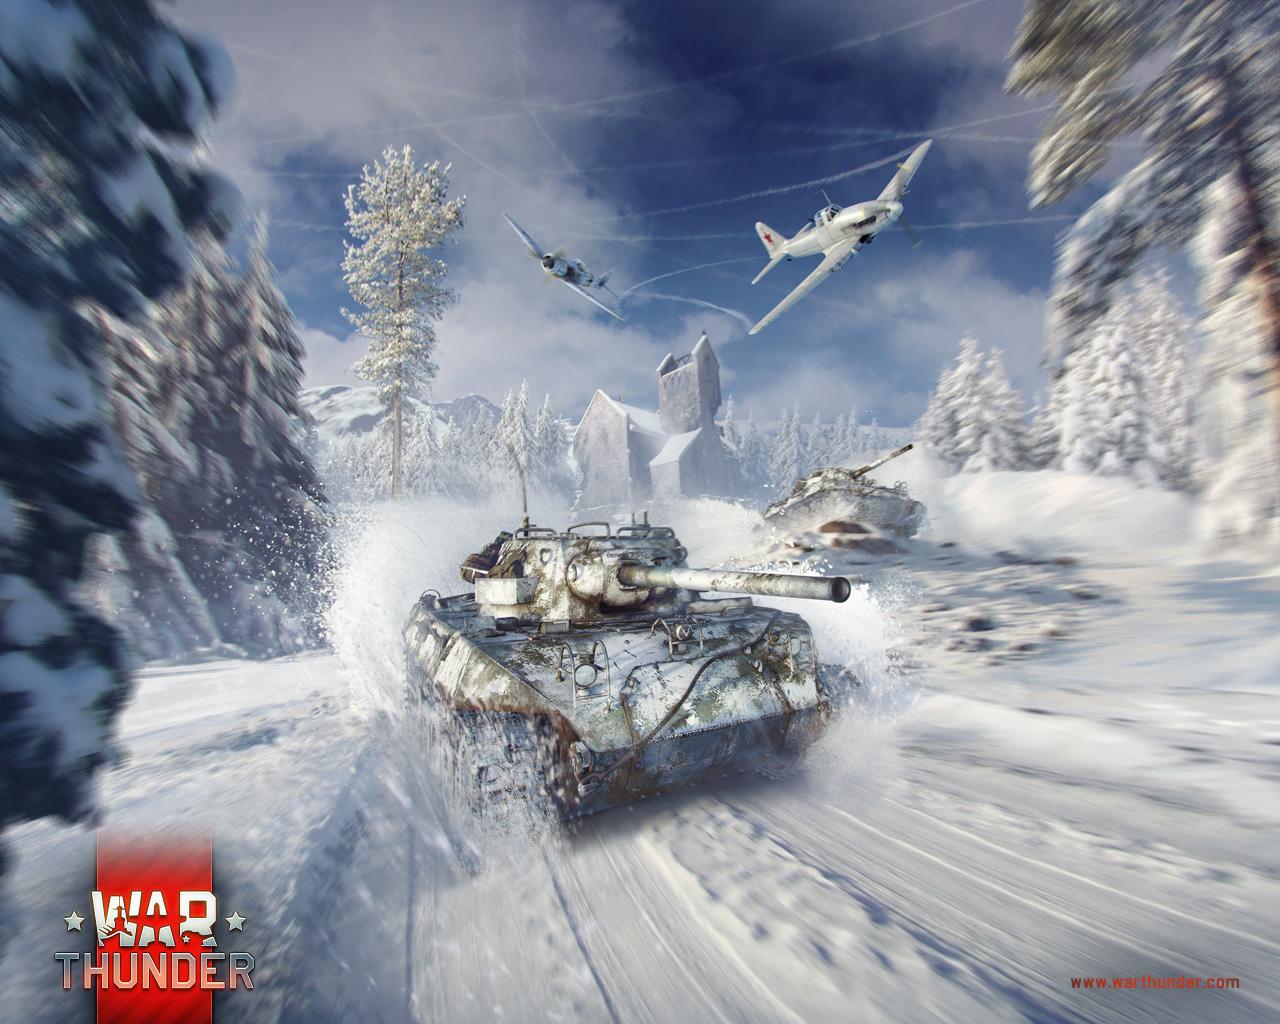 Winter challenge download | bestoldgames. Net.